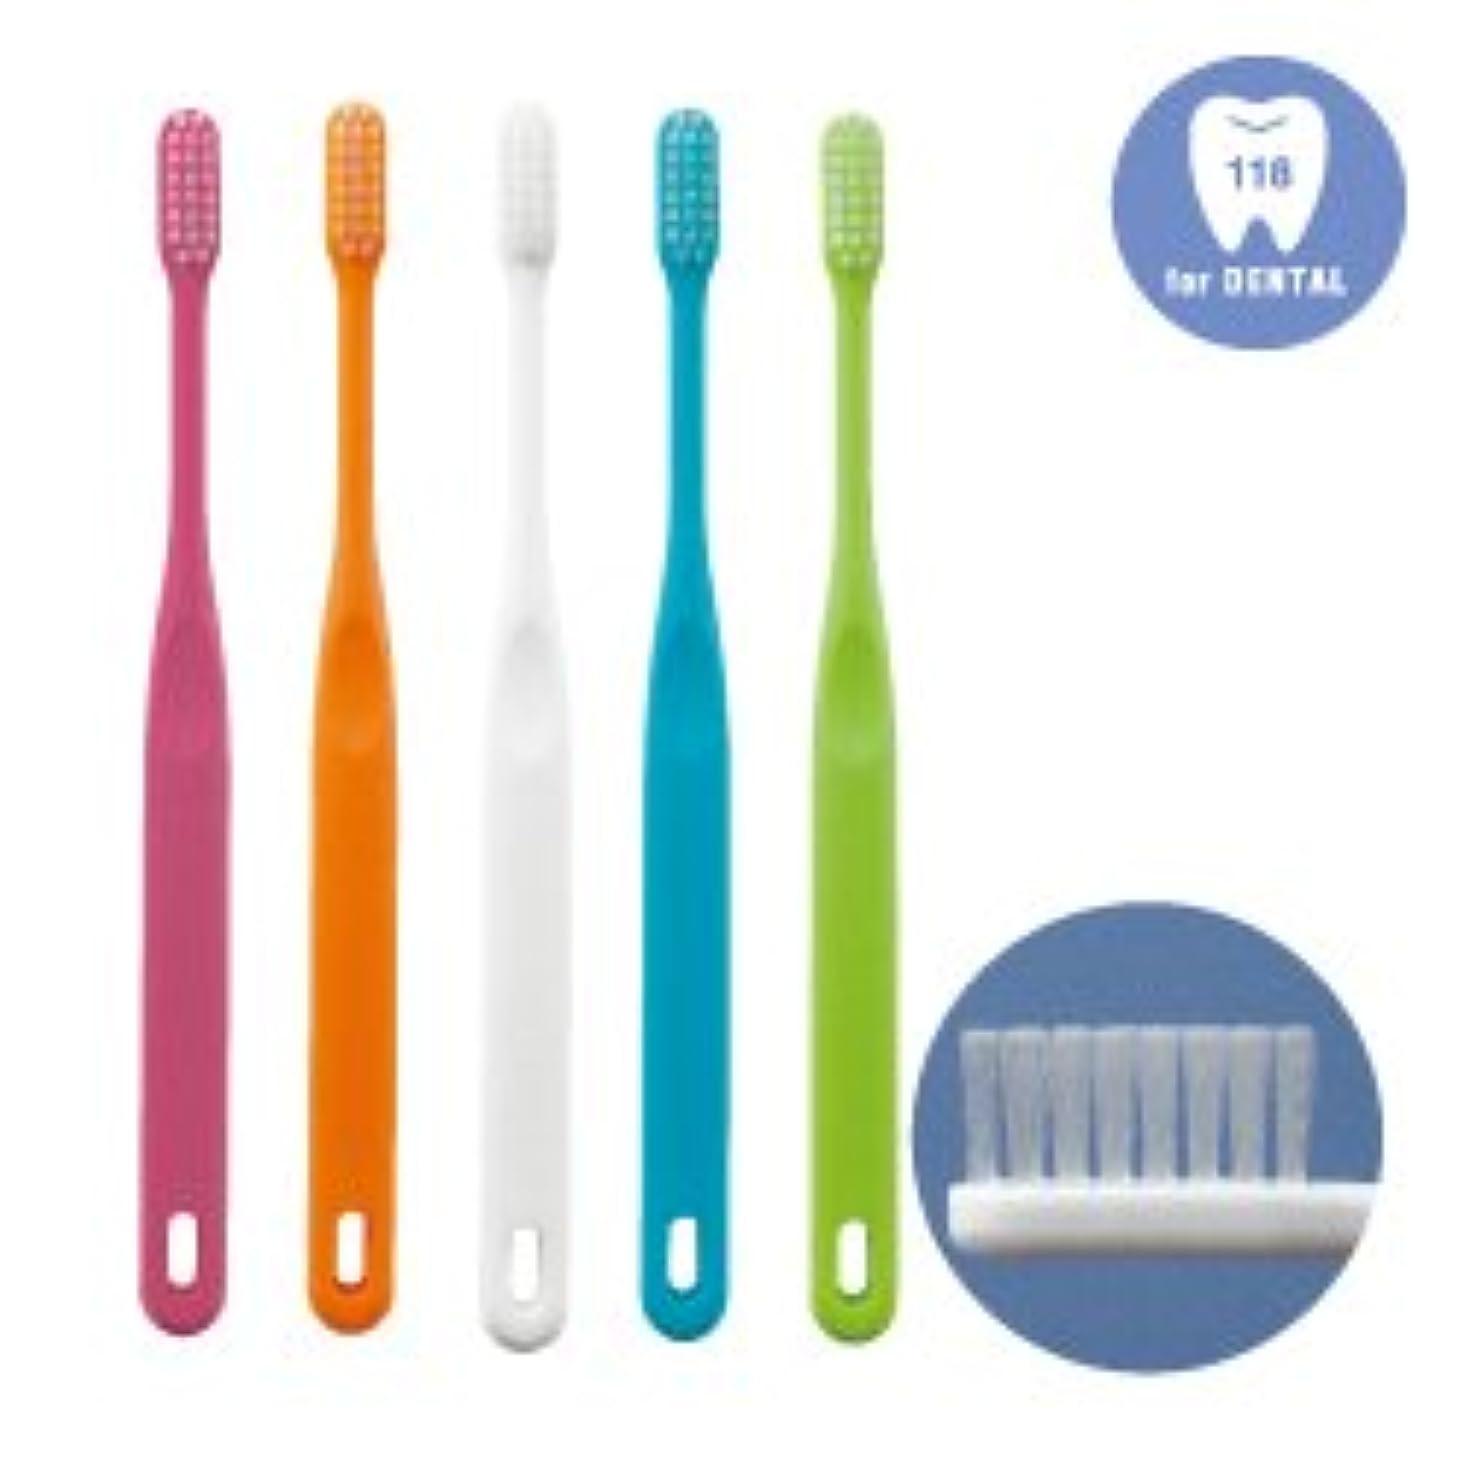 用心深い引き出す受粉する歯科専用歯ブラシ「118シリーズ」Advance(アドバンス)M(ふつう)25本